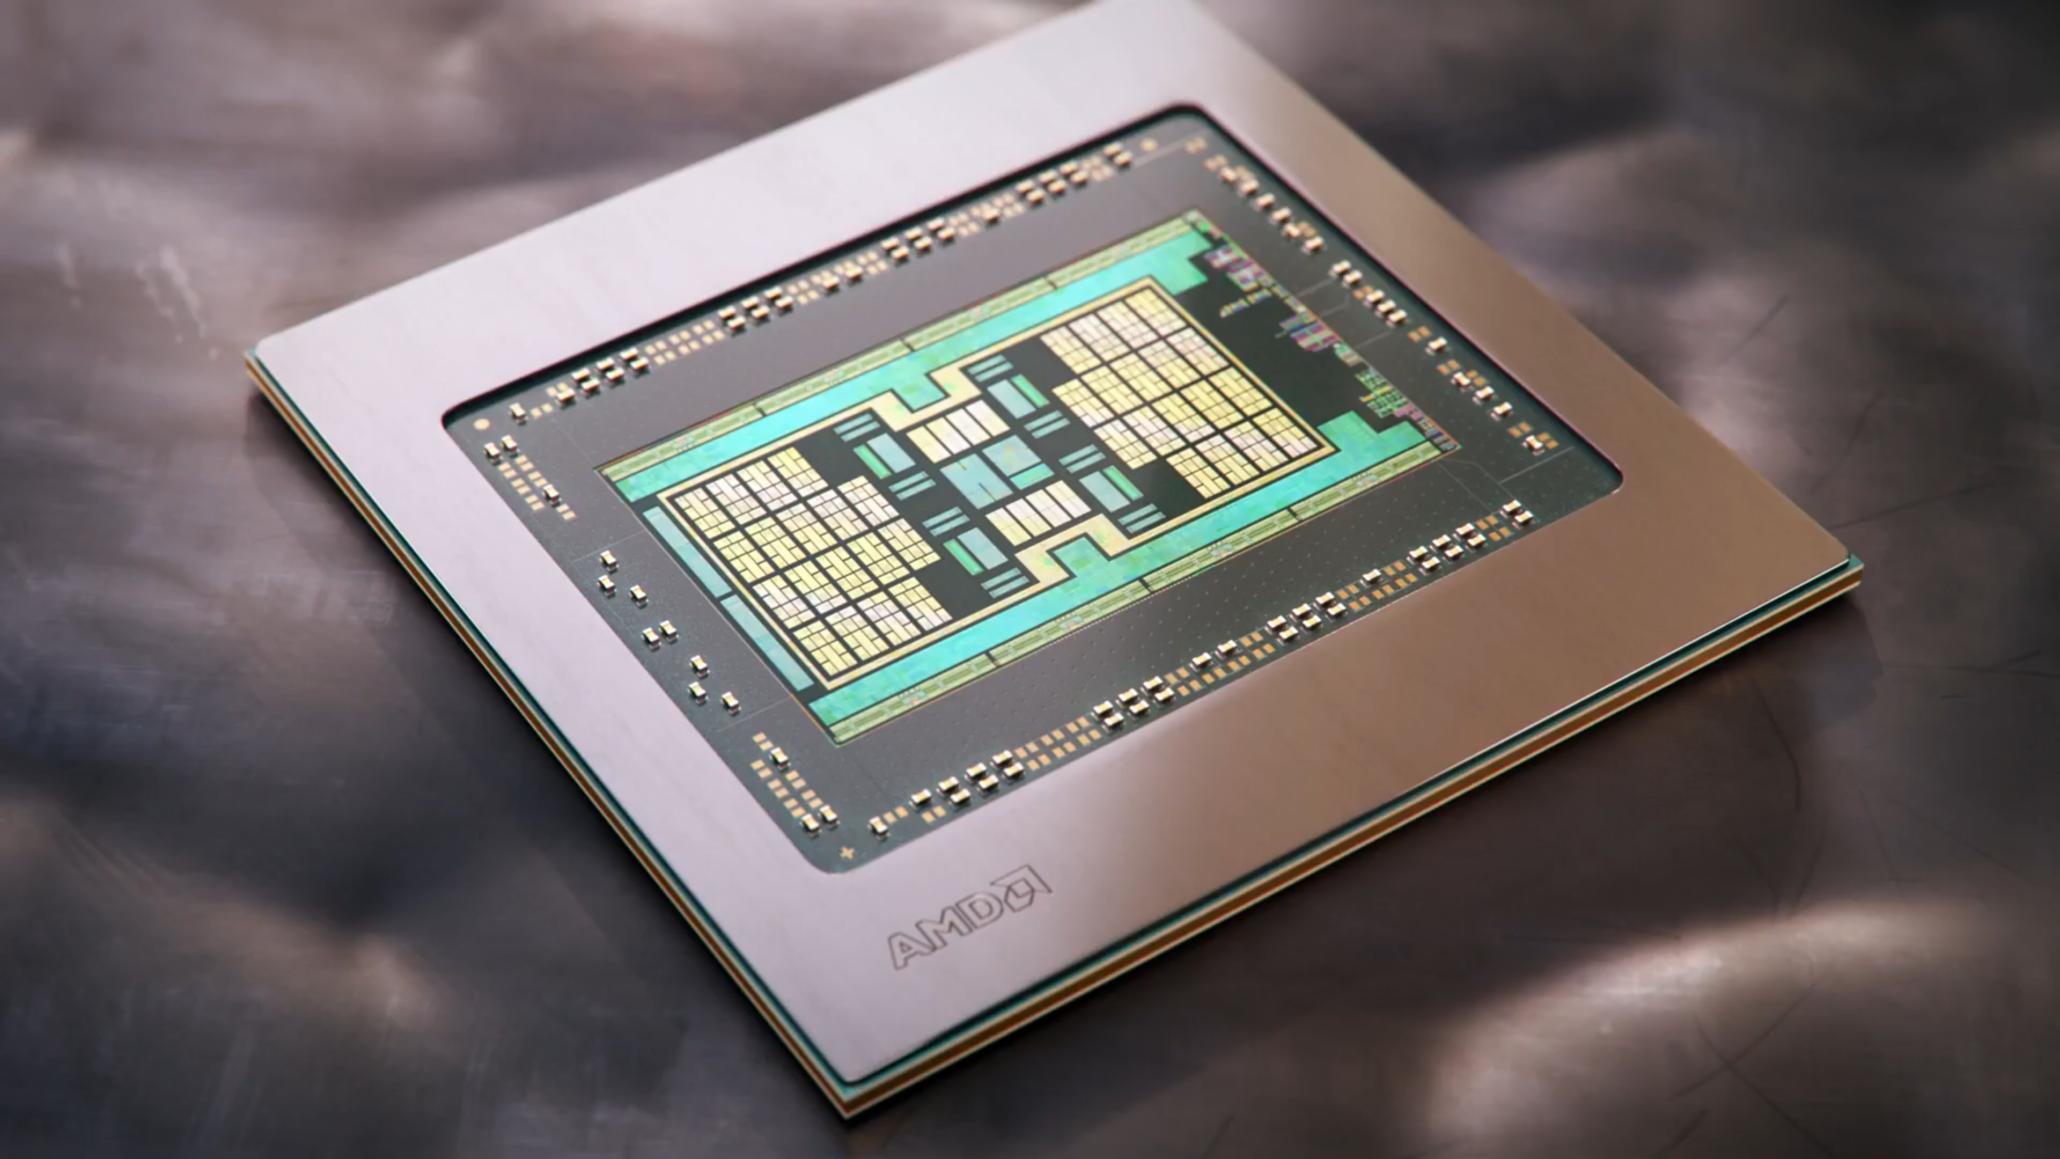 GPU AMD RDNA 2 Memiliki Memory Latency yang Jauh Lebih Baik Dibandingkan NVIDIA Ampere GPU Architecture